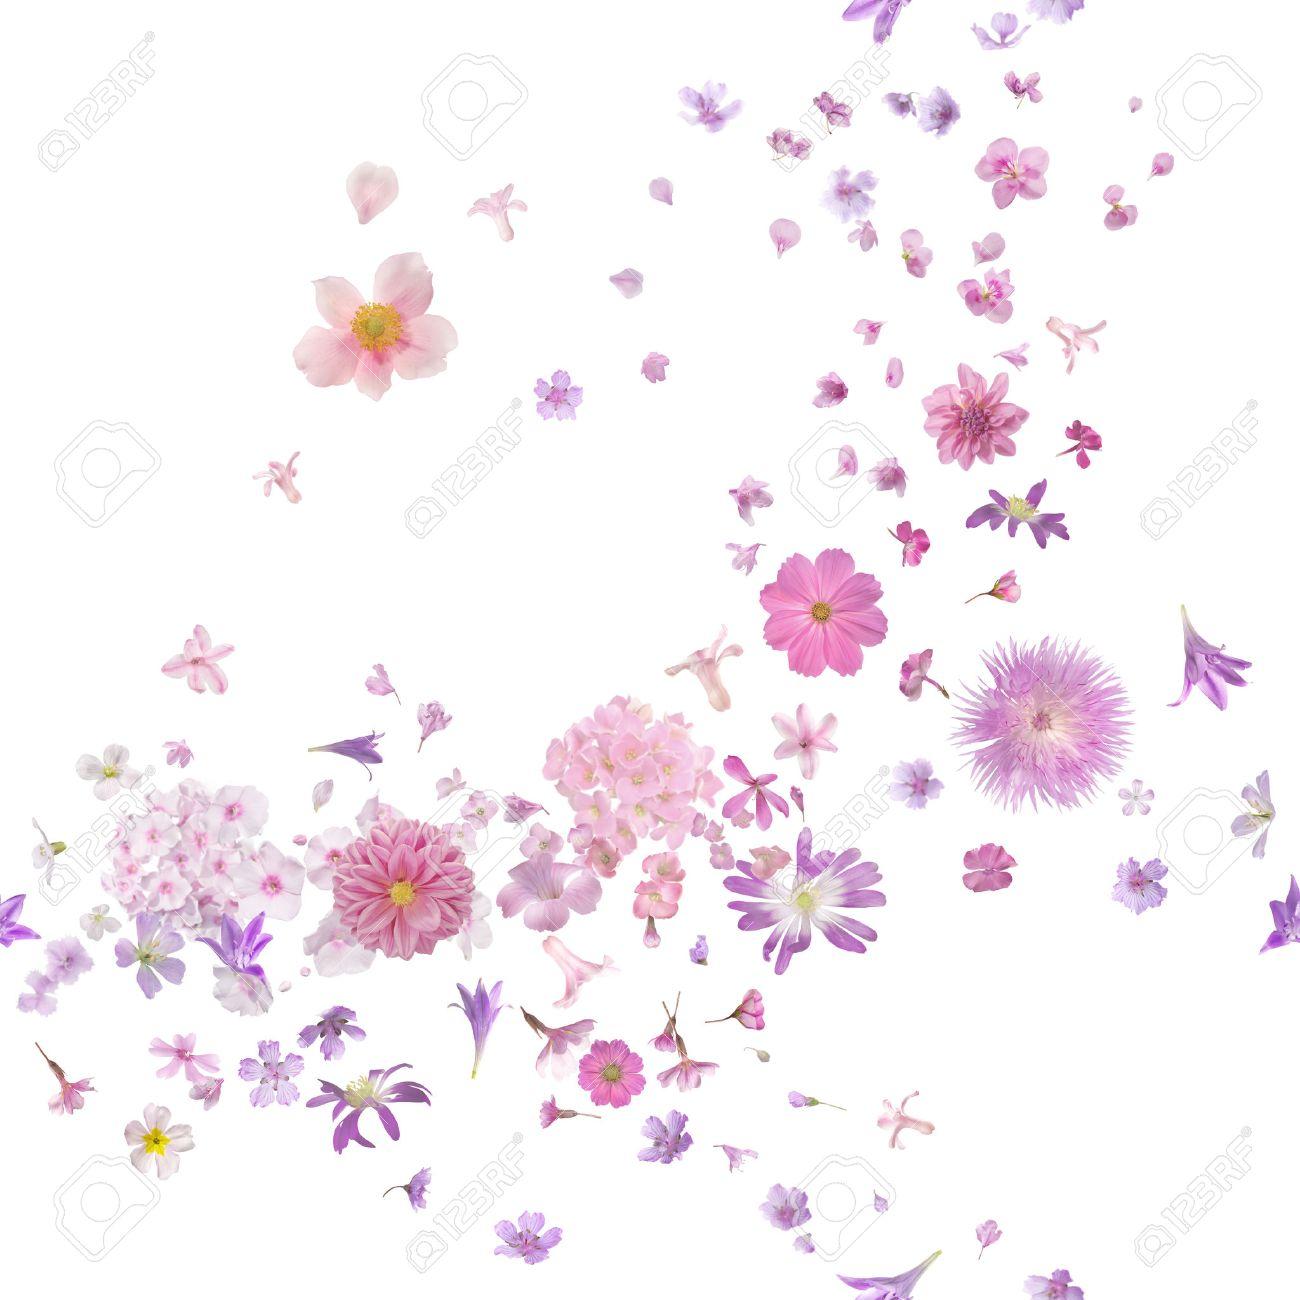 fleur rose brise de nombreux bourgeons vol de fleurs et de pétales, dans la  profondeur